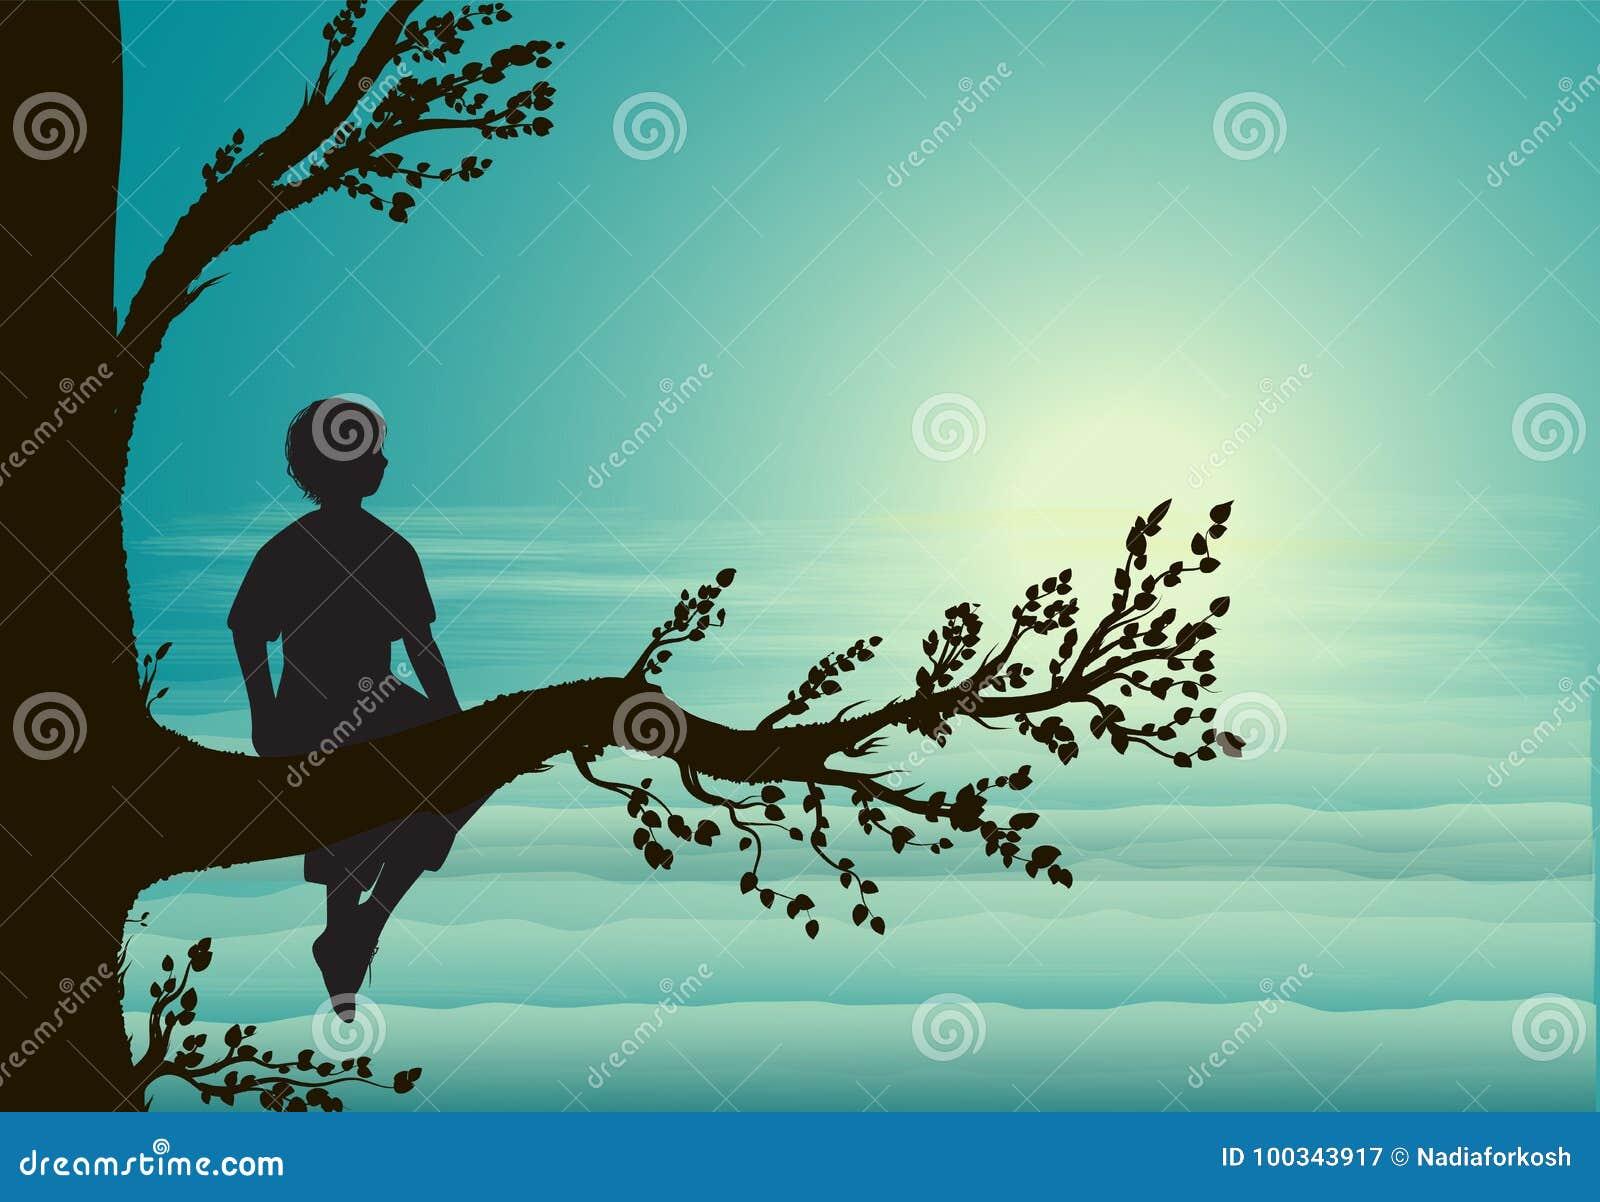 Junge, der auf großem Baumast, Schattenbild, geheimer Ort, Kindheitsgedächtnis sitzt, Traum,